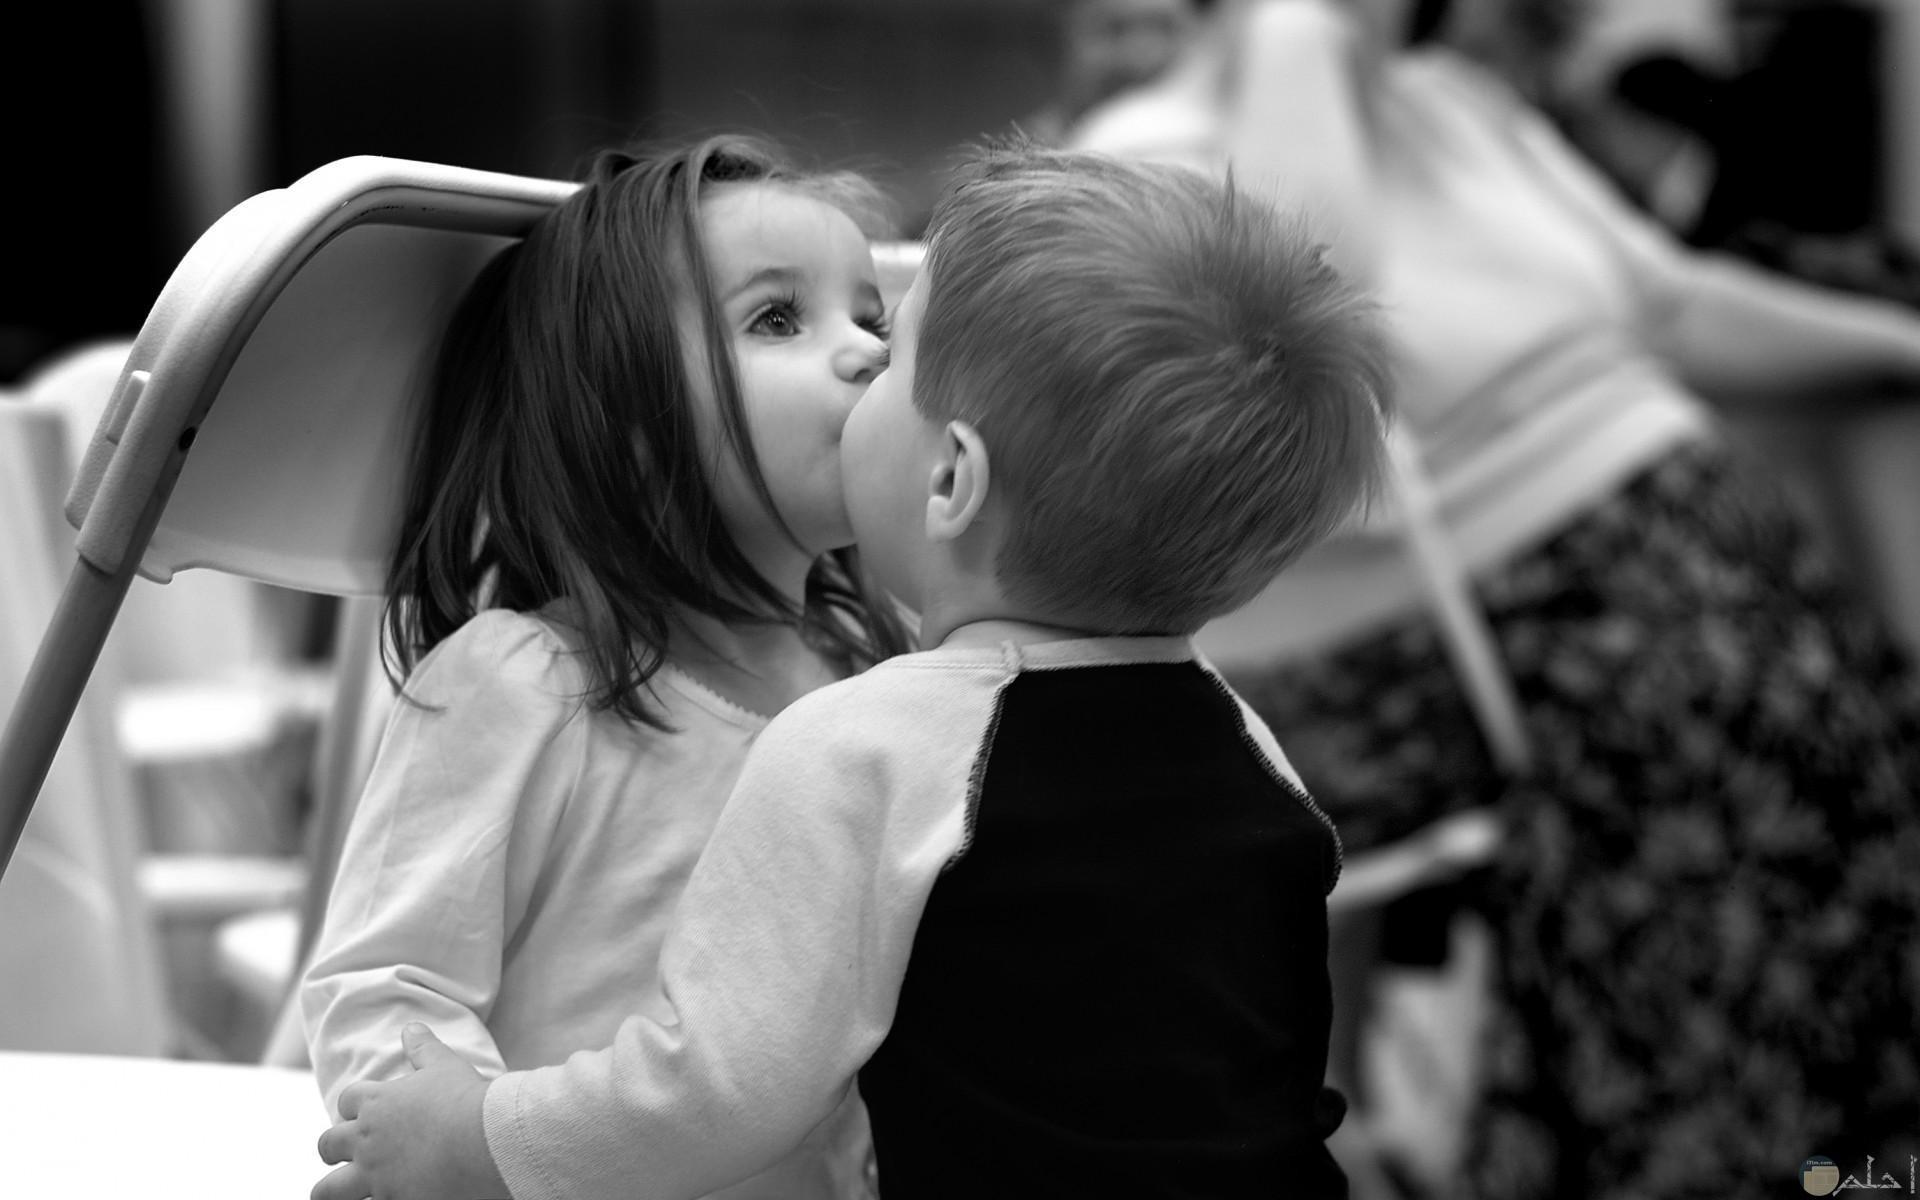 صورة اطفال رومانسية روعة